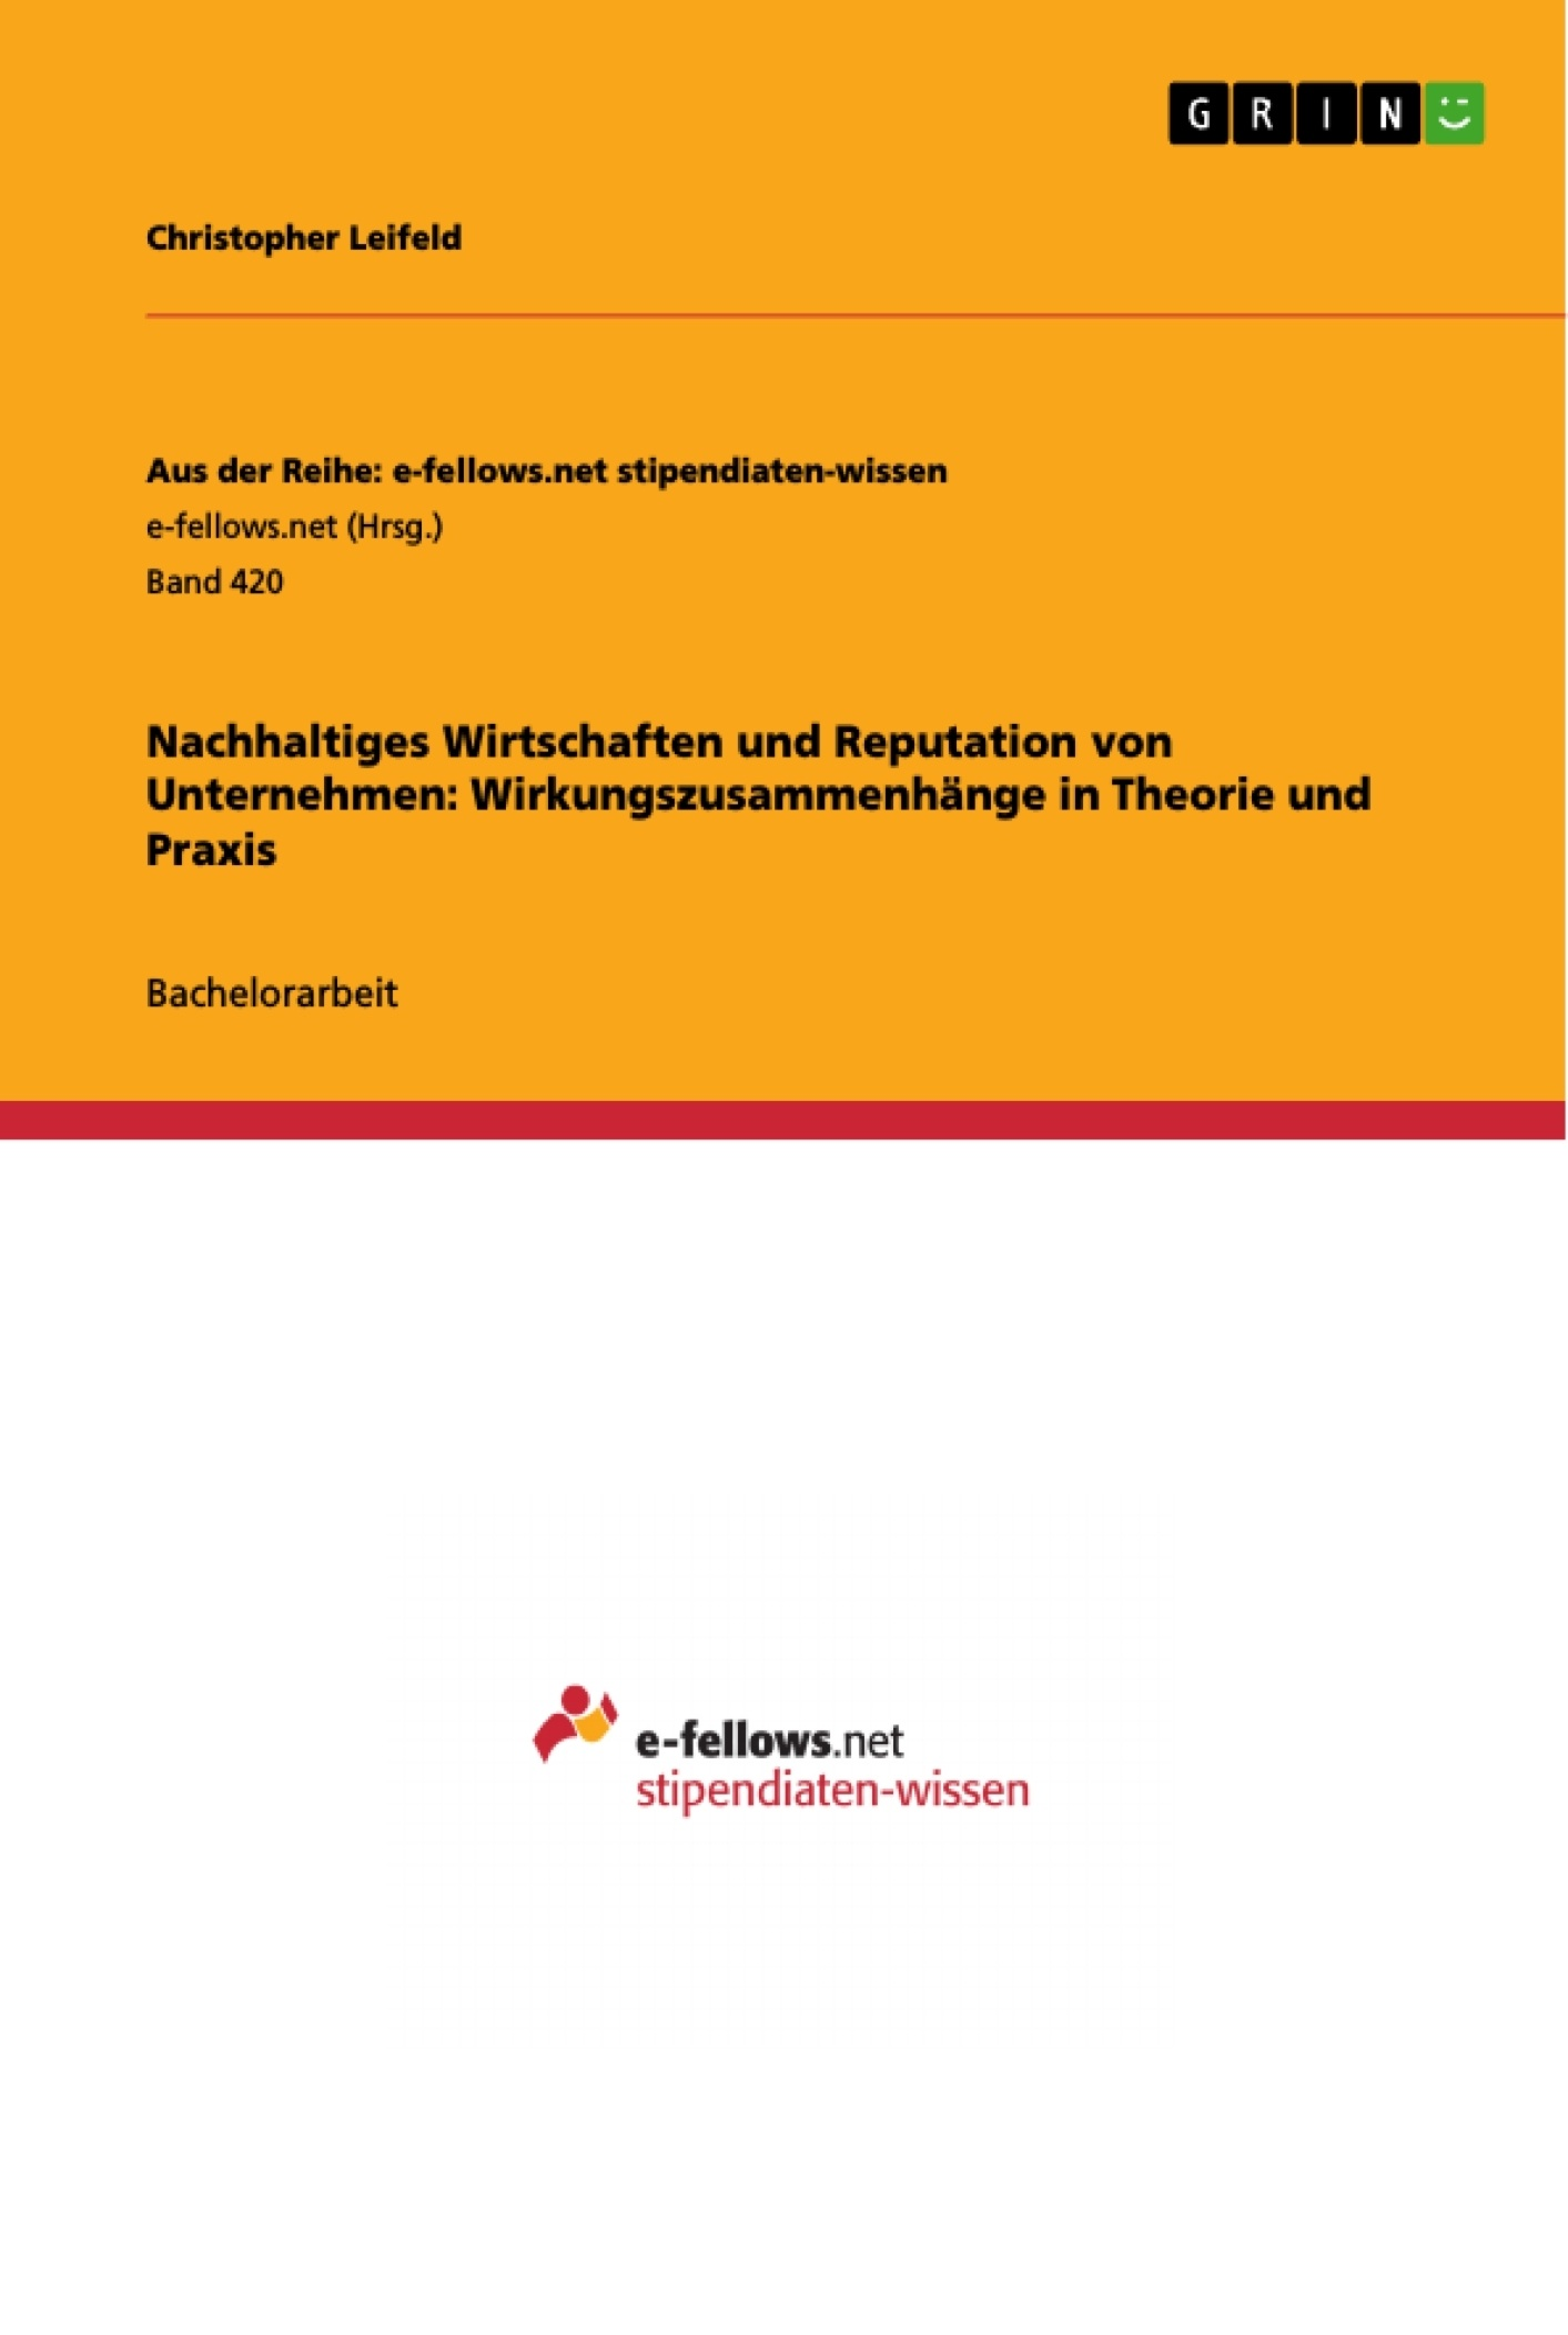 Titel: Nachhaltiges Wirtschaften und Reputation von Unternehmen: Wirkungszusammenhänge in Theorie und Praxis